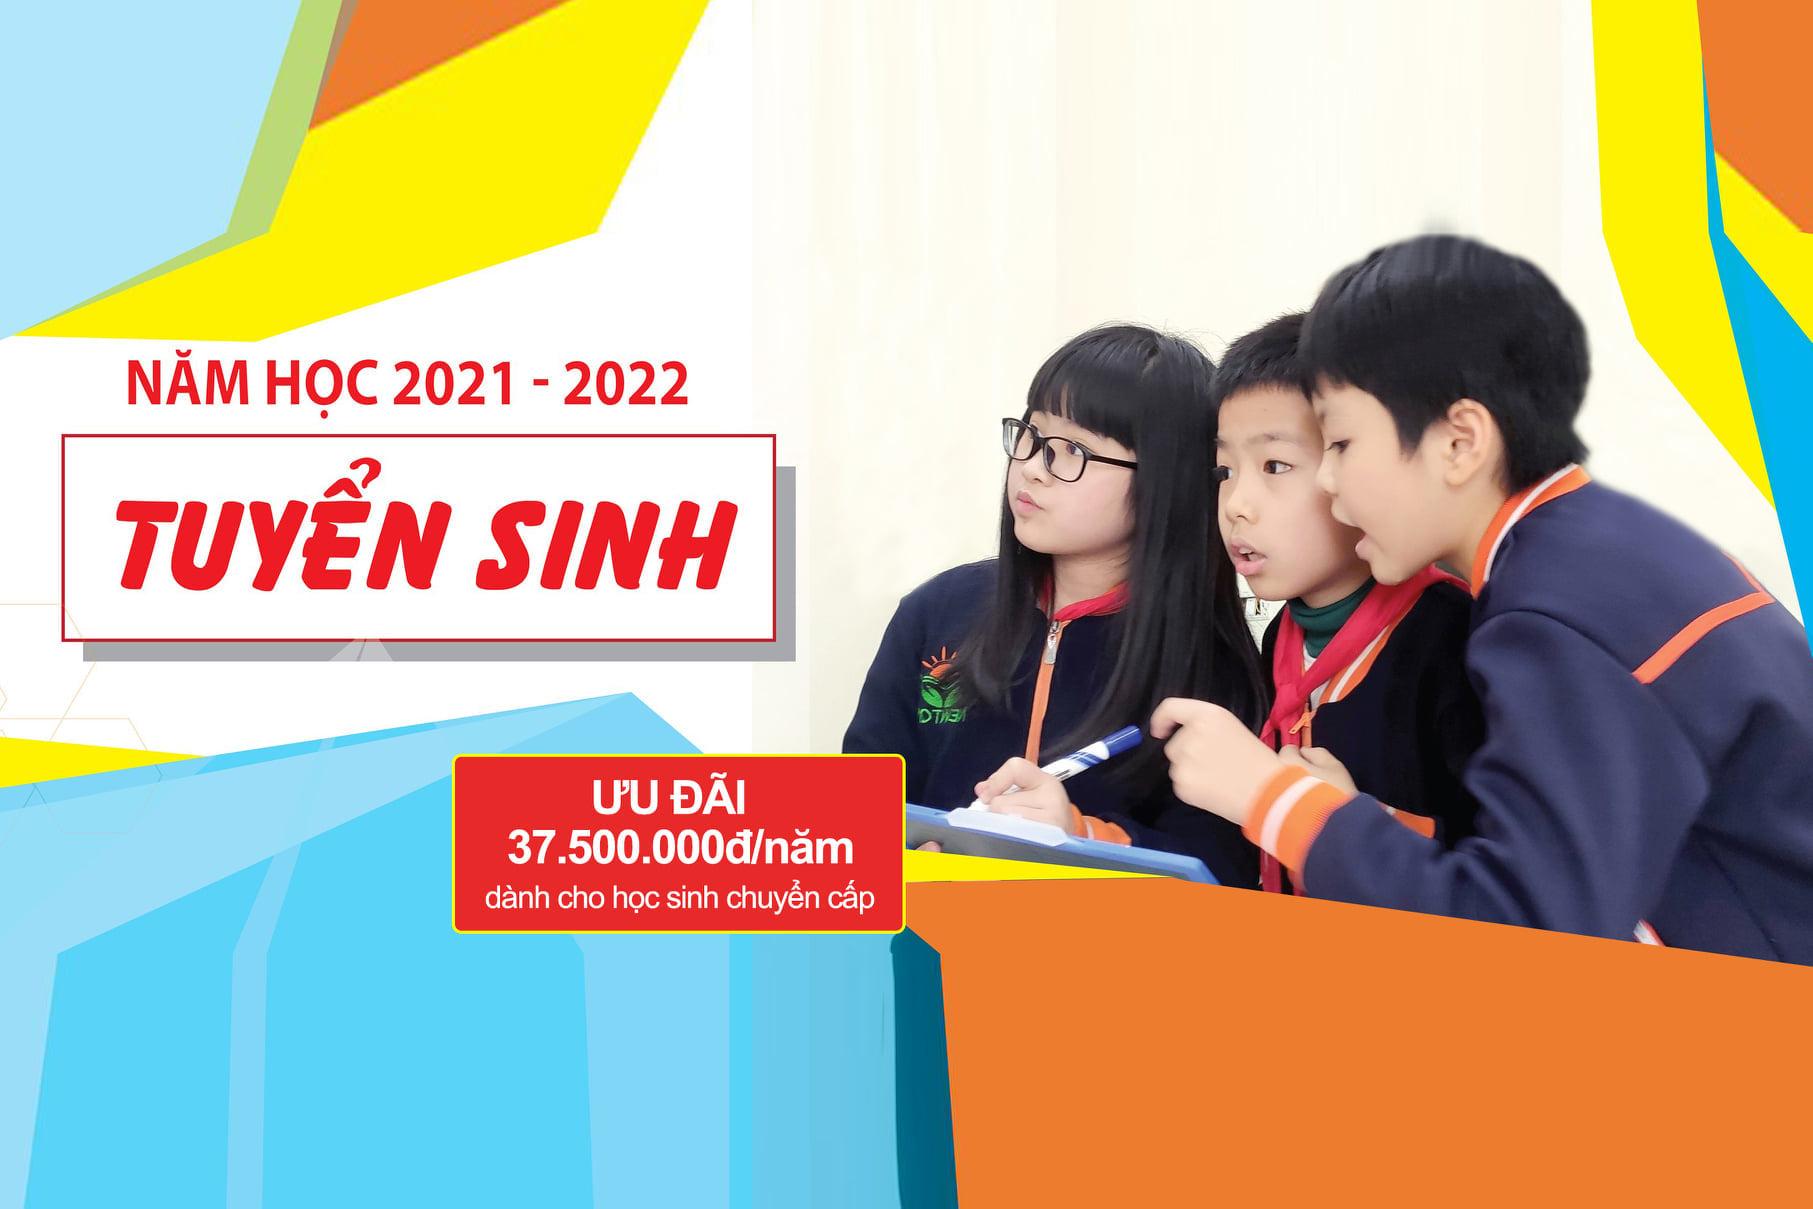 Tuyển sinh năm học 2021-2022